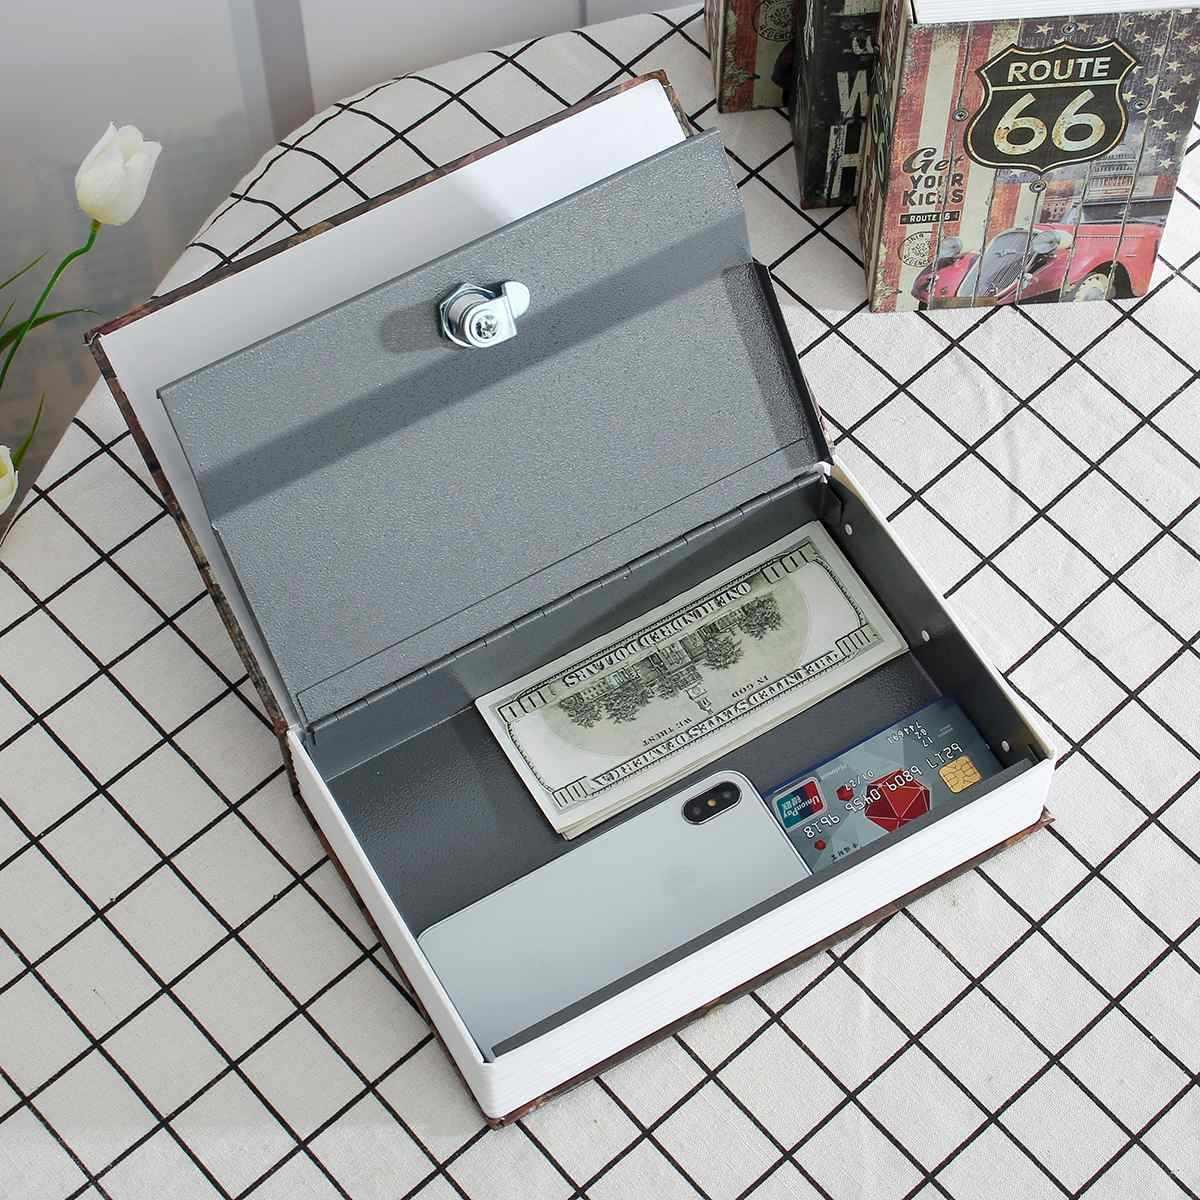 Hộp An Toàn Sách Tiền Bí Mật Bảo Mật An Toàn Khóa Hộp Sách Tiền Mặt Đồng Tiền Bảo Quản Trang Sức Phím Khóa Bình Trữ